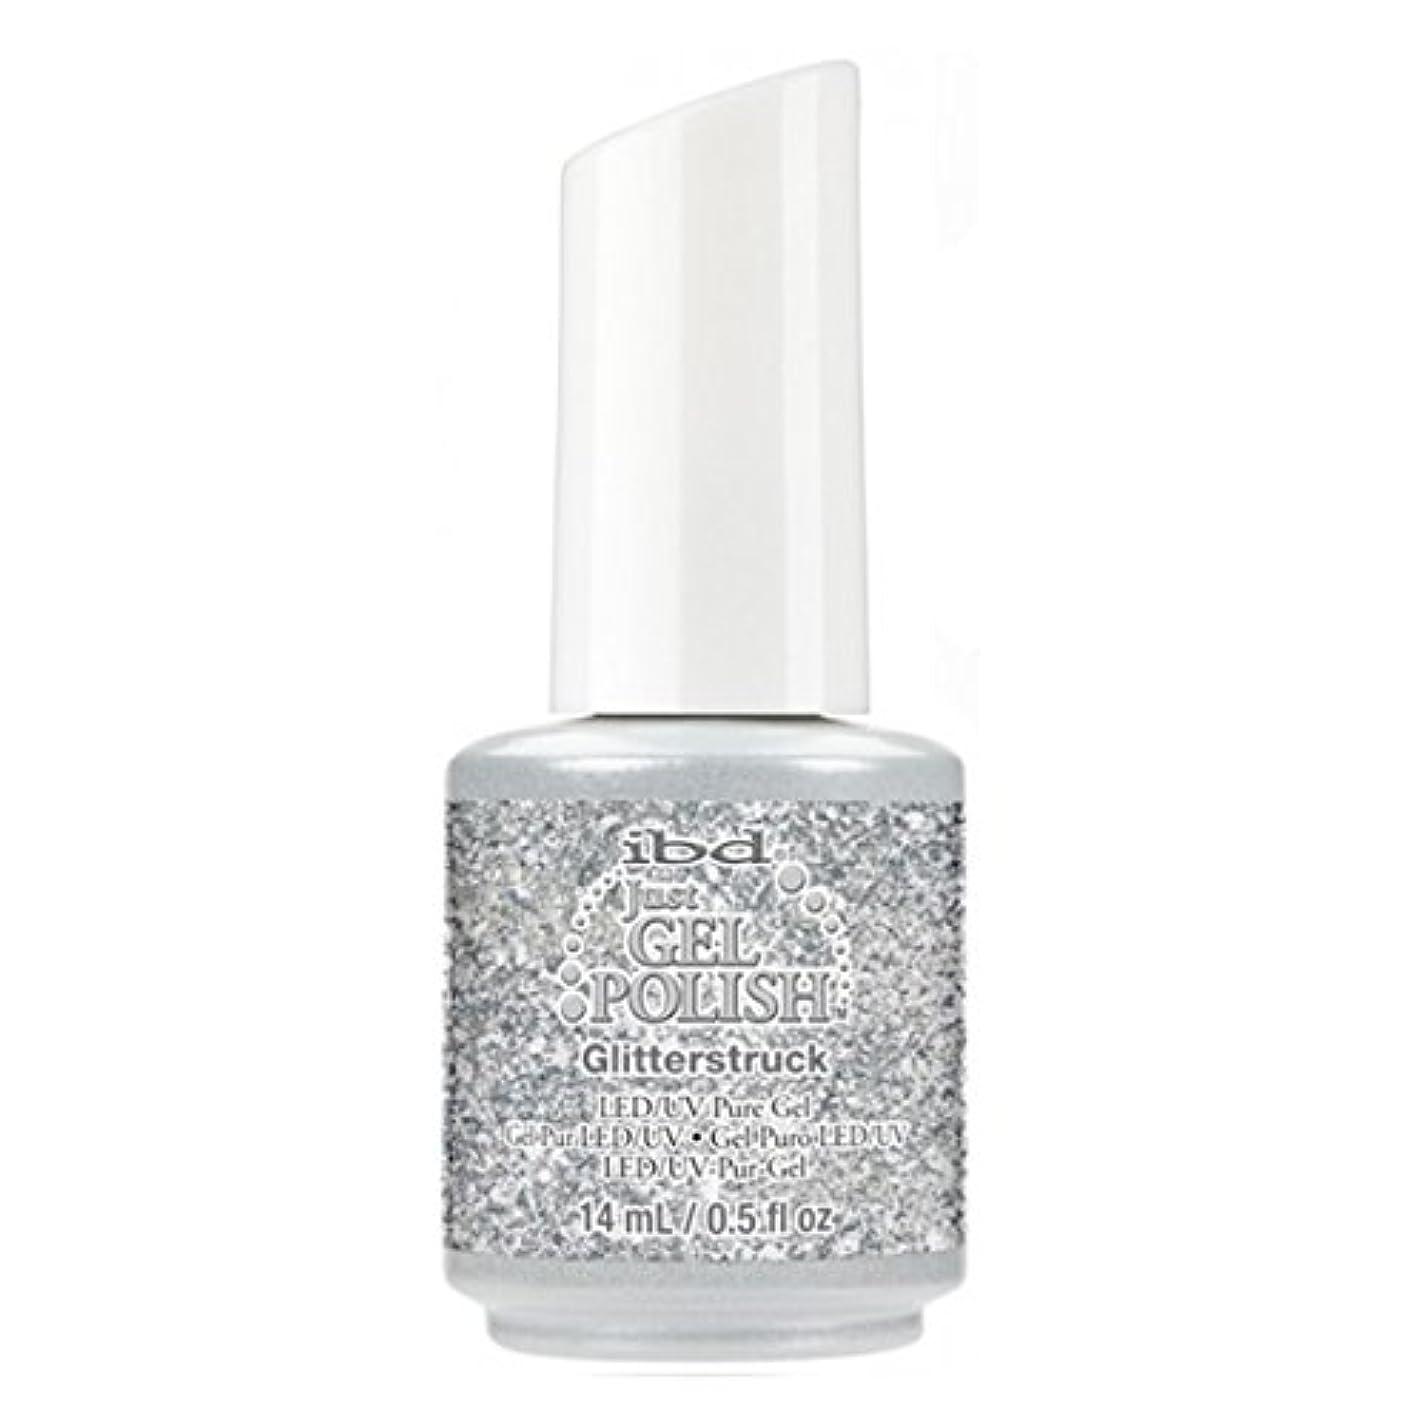 箱ばかげた修道院ibd Just Gel Polish - Diamonds+Dreams Collection - Glitterstruck - 14 mL / 0.5 oz